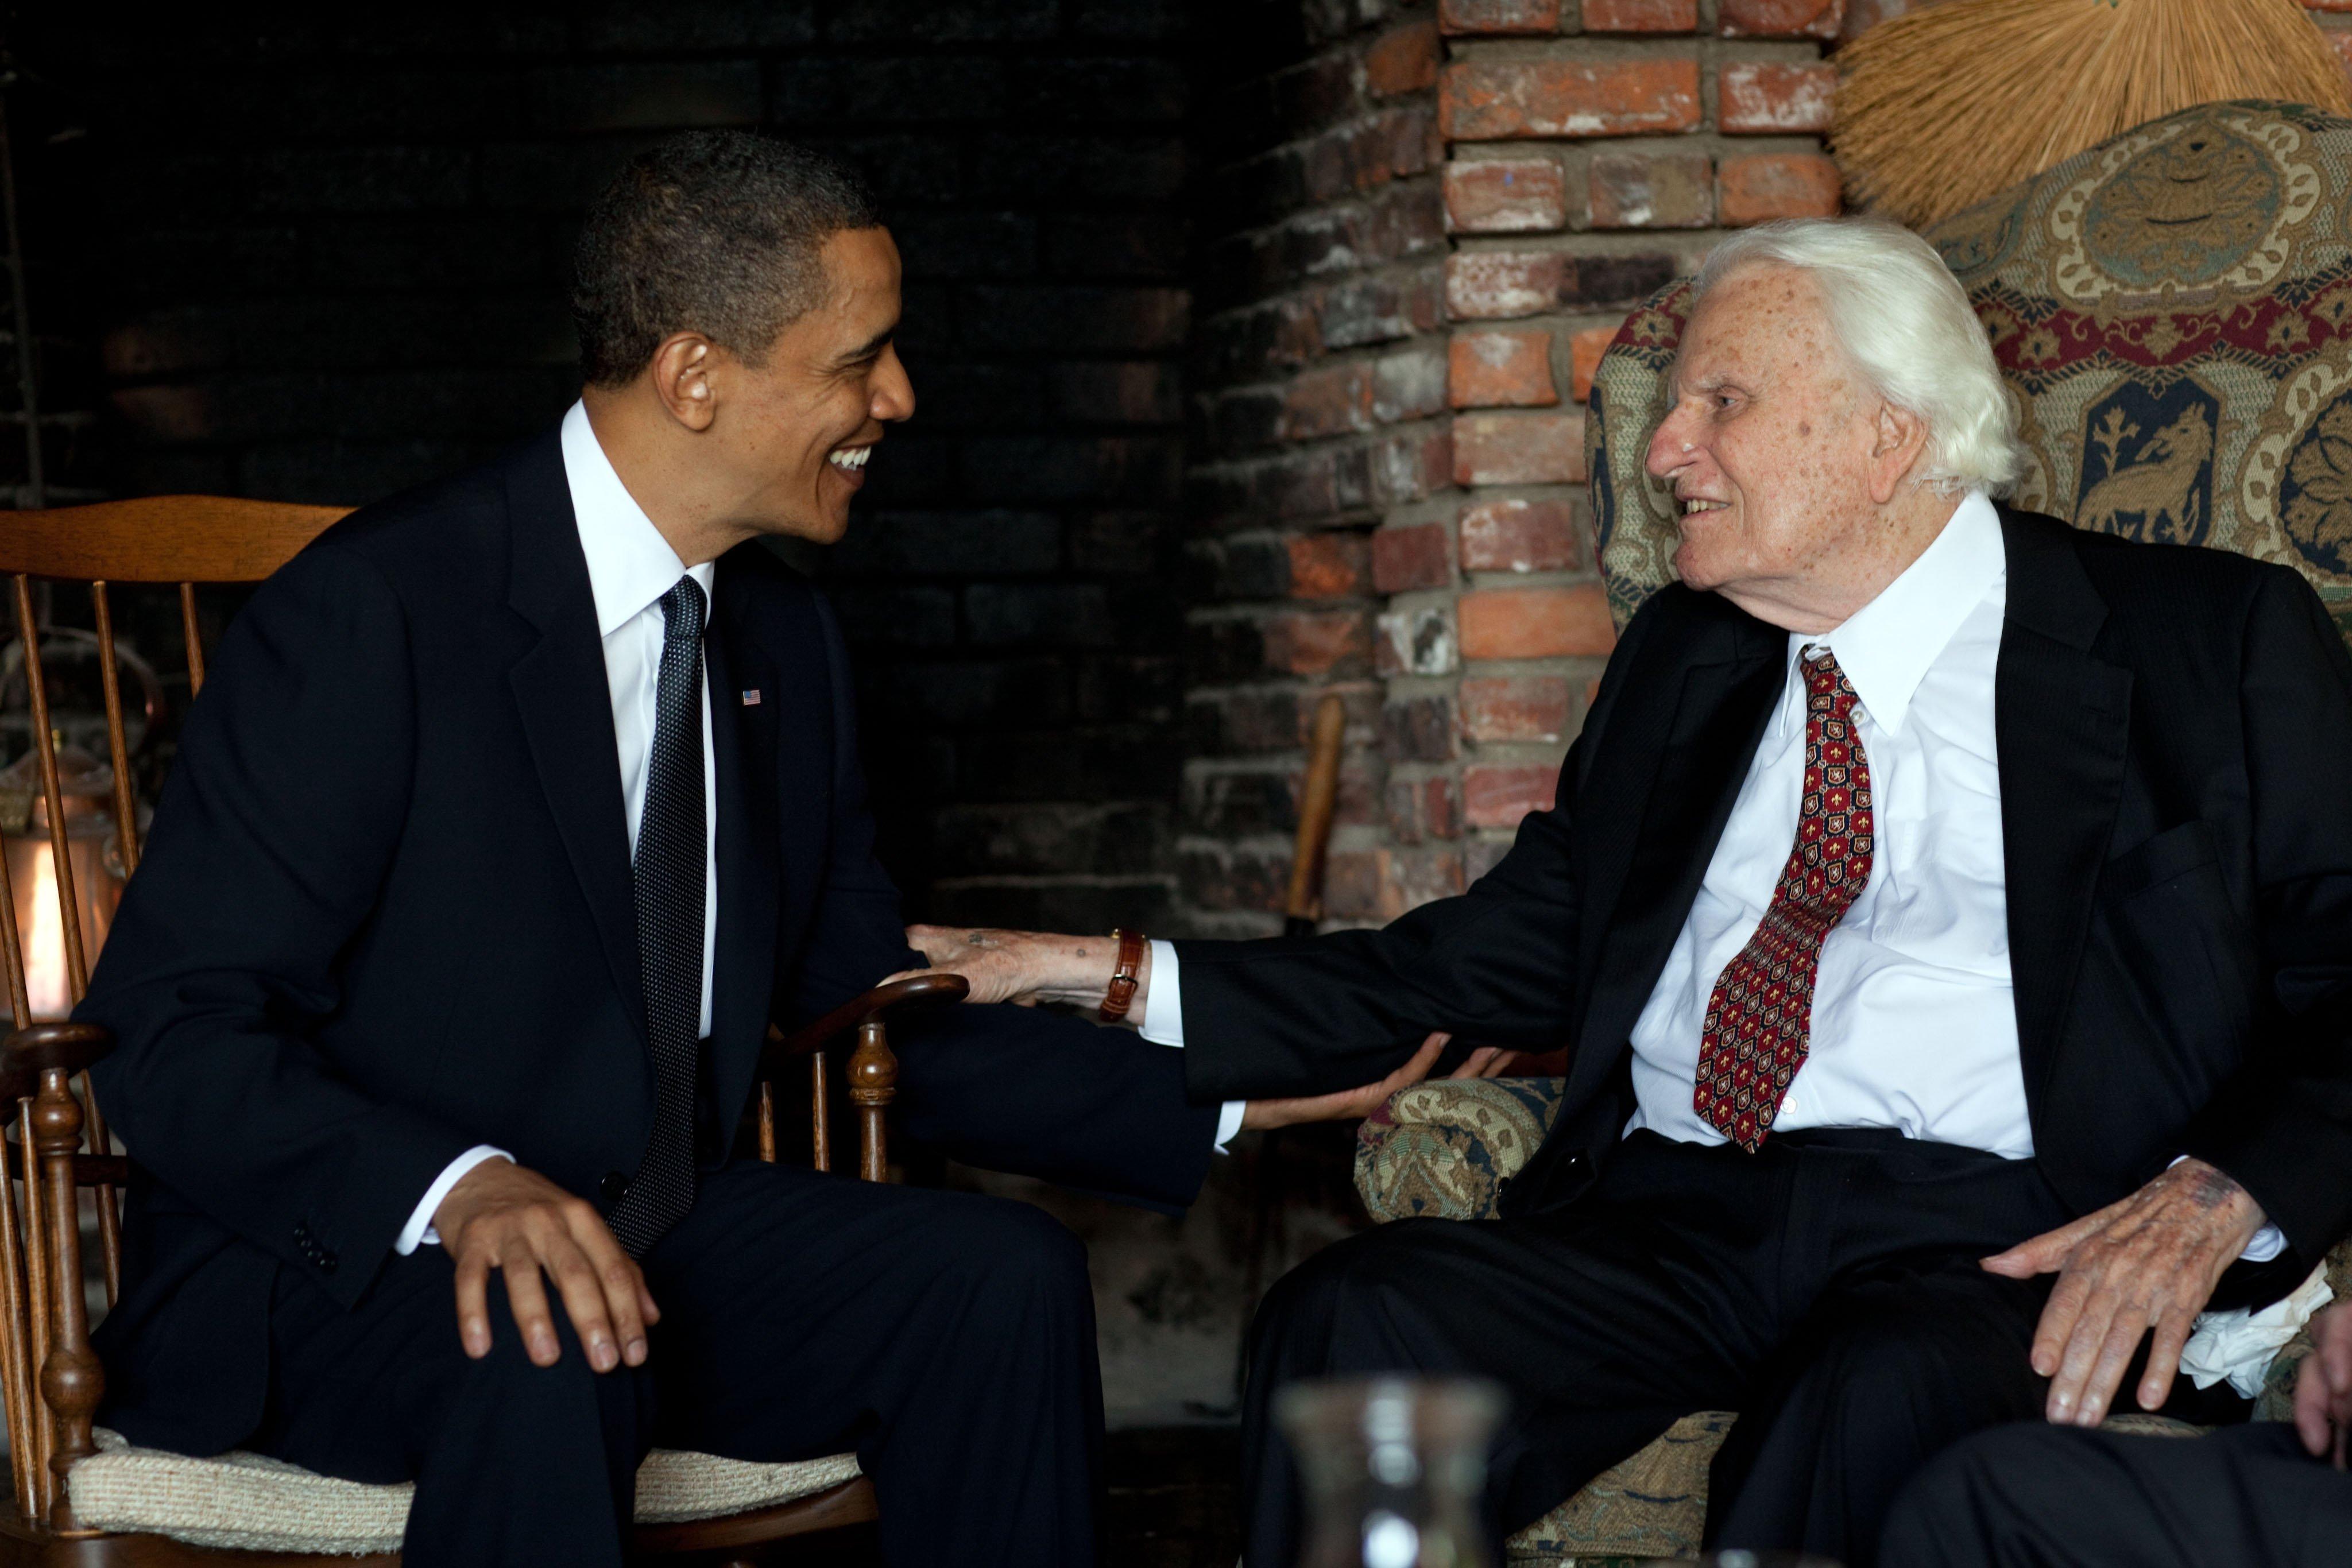 Evangelist preacher Billy Graham dies at 99